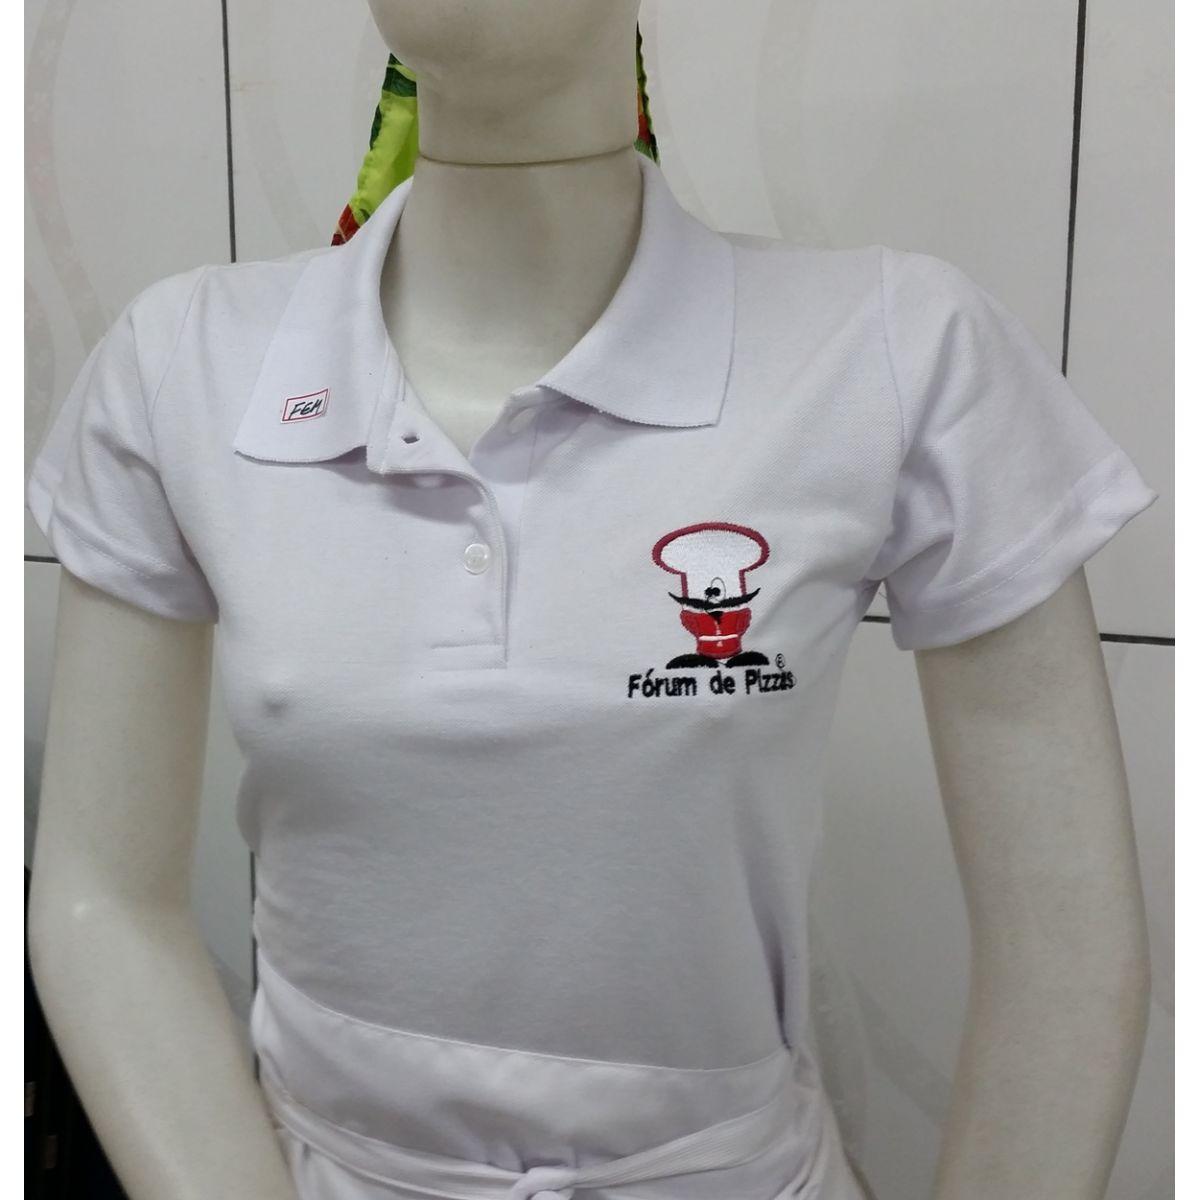 a57ae09b59f1a CAMISETA GOLA POLO FEMININA (P - M - G) - Fórum de Pizzas Vendas online